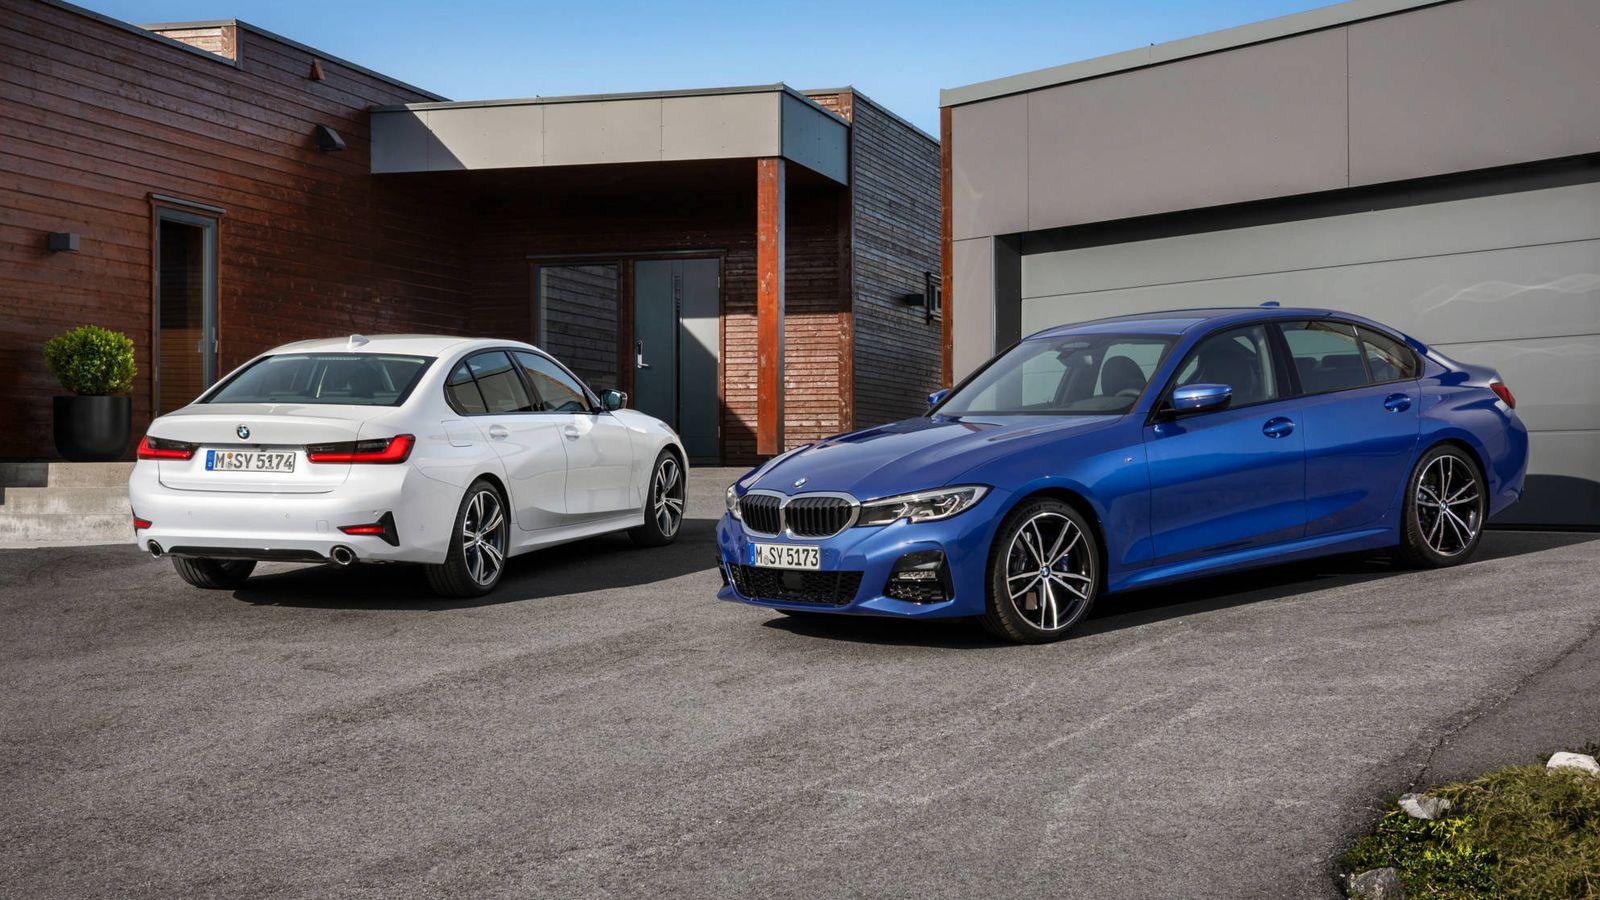 Foto: La séptima generación del BMW Serie 3 ya está preparada para su lanzamiento comercial, en marzo.